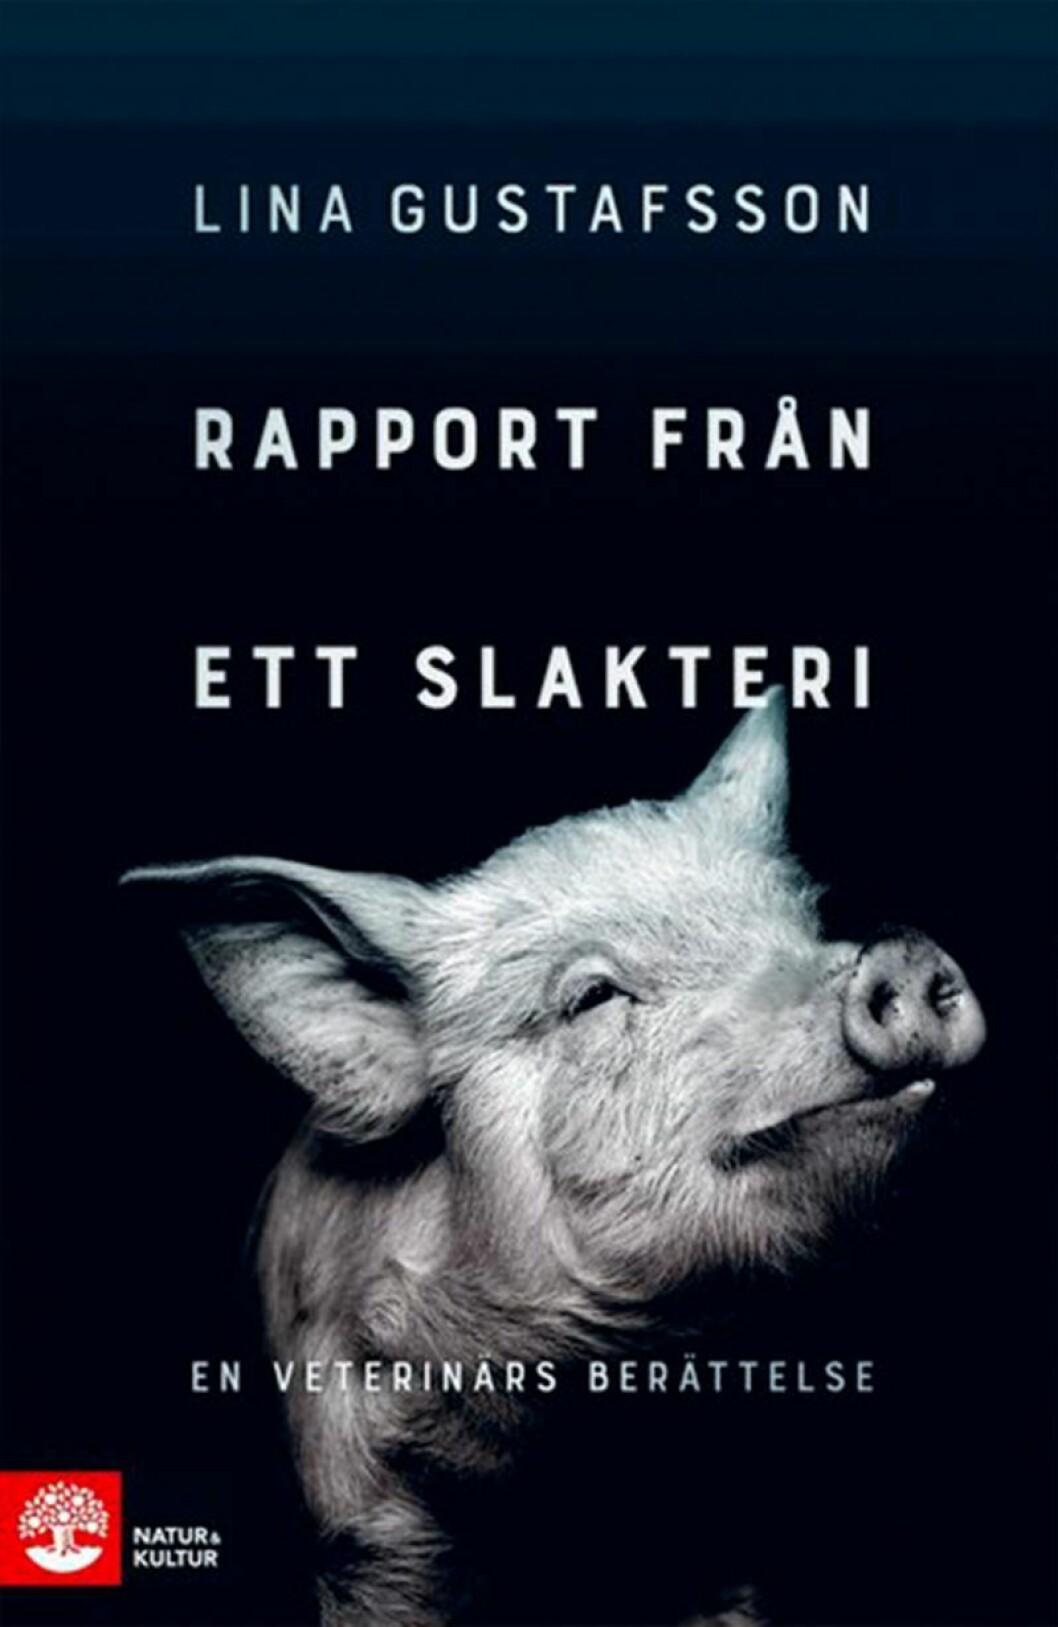 Bokomslag till Rapport från ett slakteri, en svartvit bild på en gris.